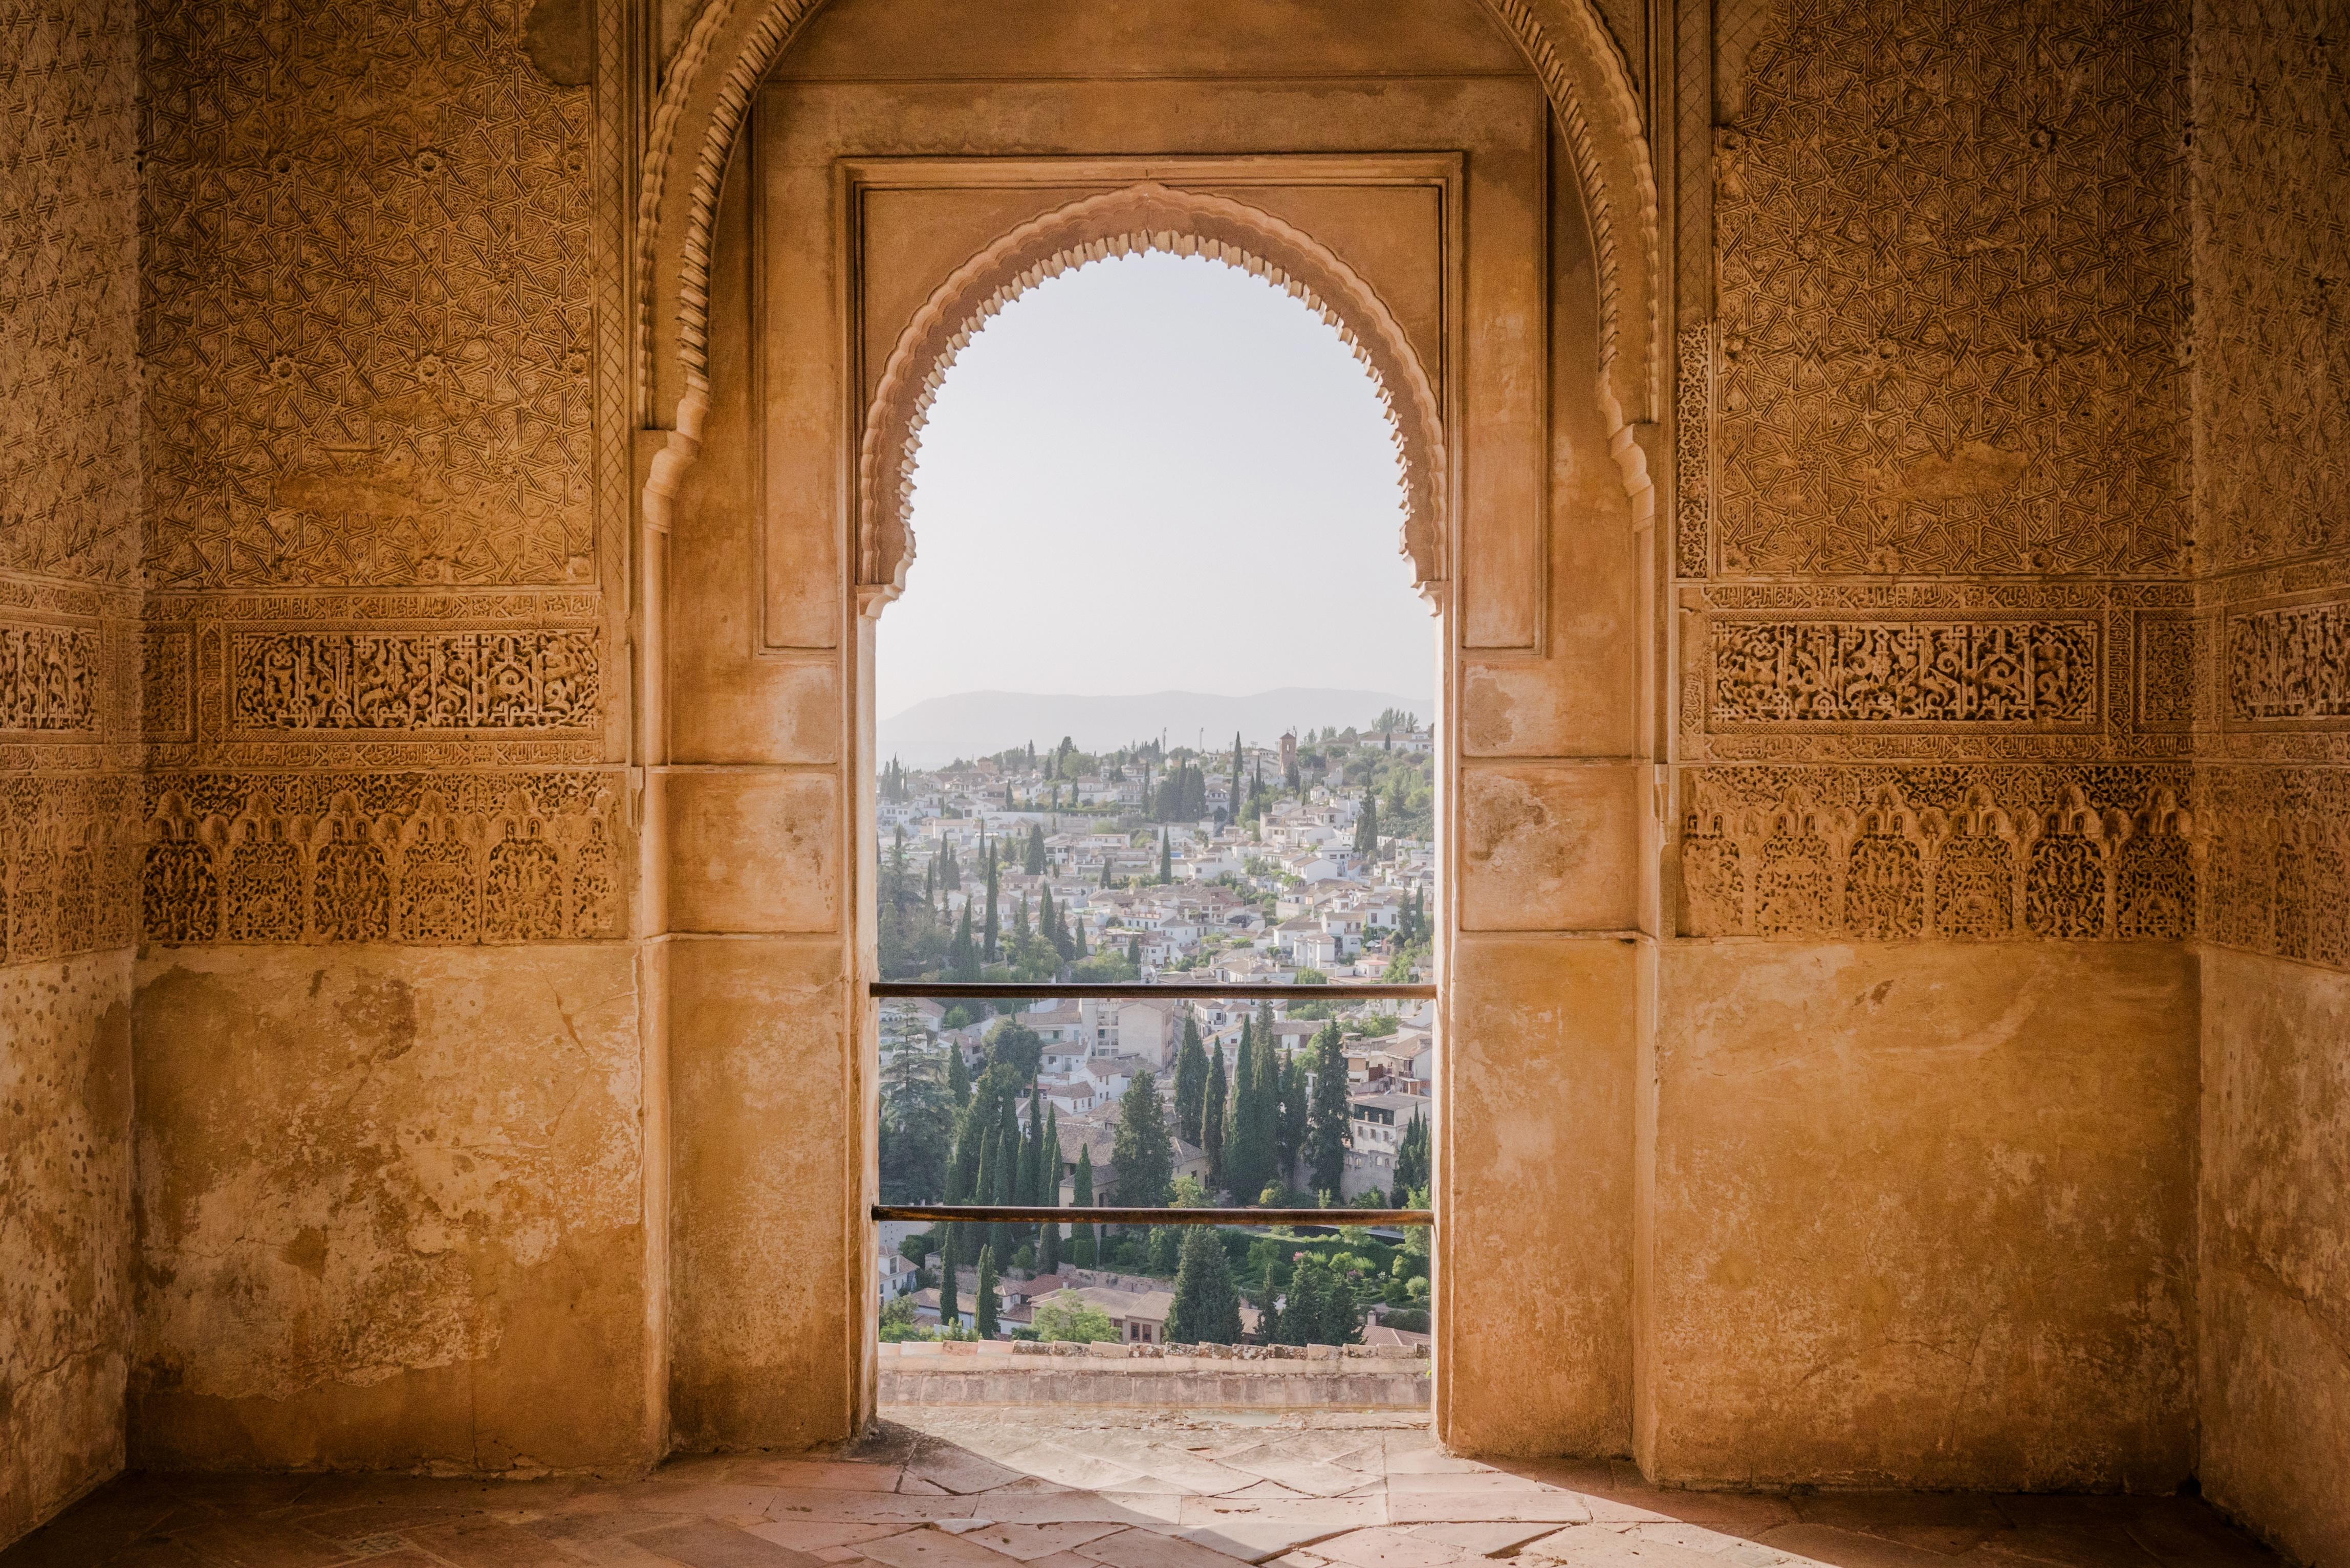 Innenarchitektur Geschichte kostenlose foto die architektur palast mauer bogen säule alt